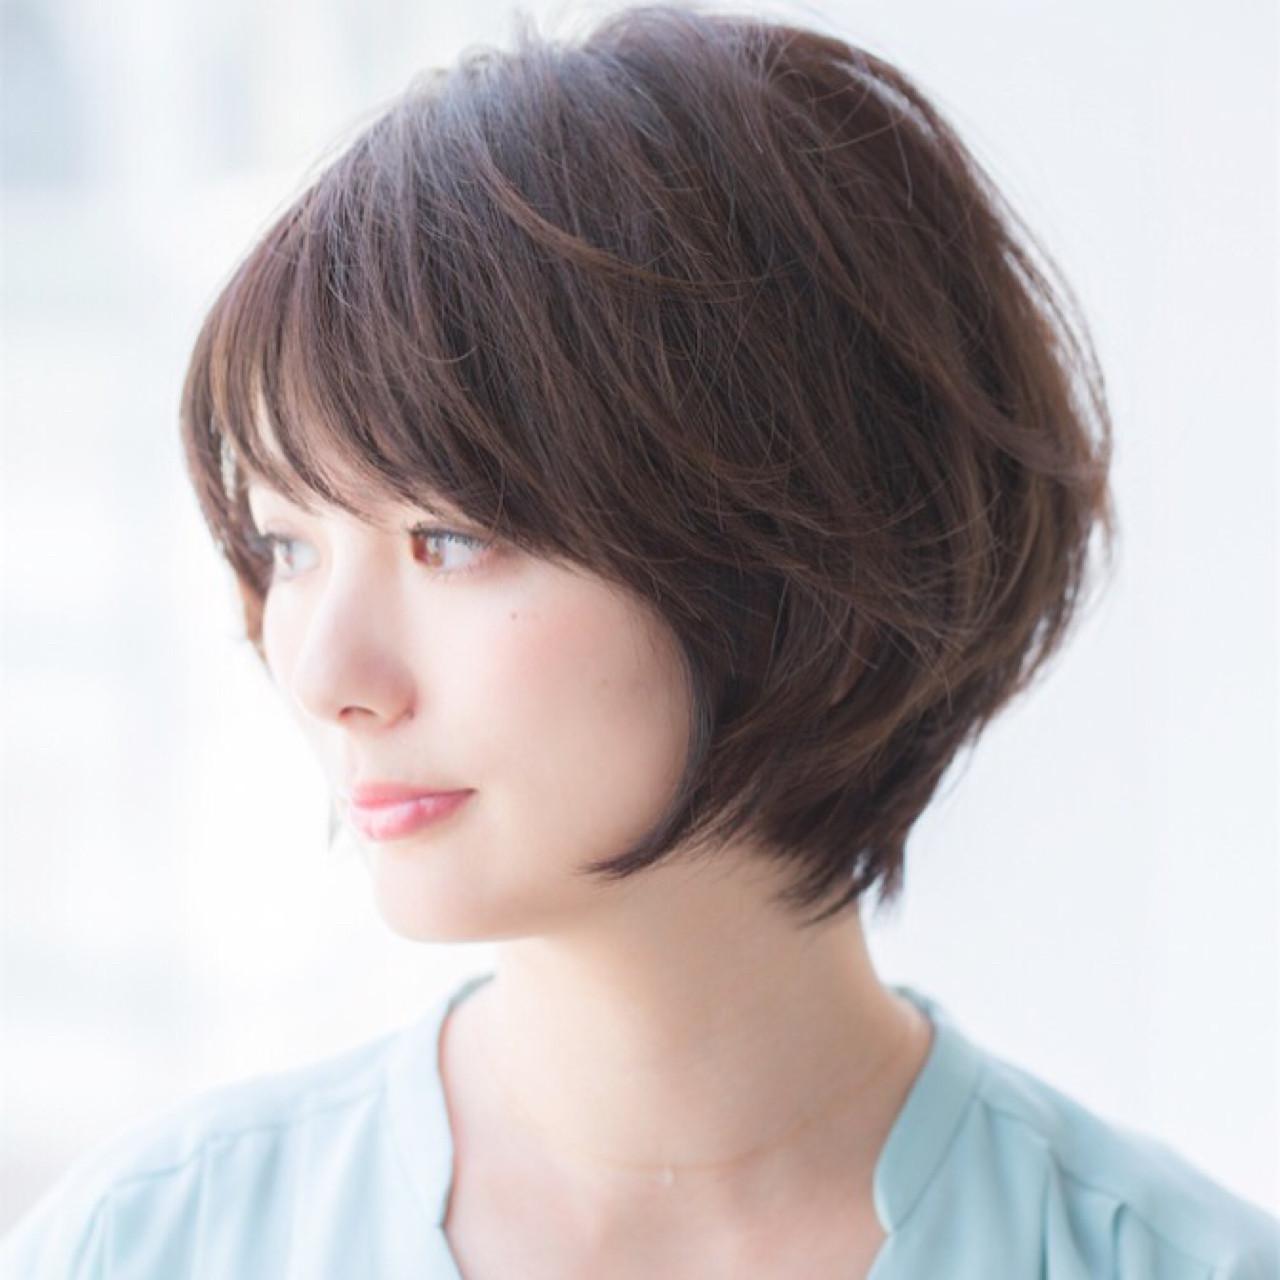 挑戰剪短頭髮的人必看!10個日系嚴推薦短髮造型!     生活發現   妞新聞 niusnews